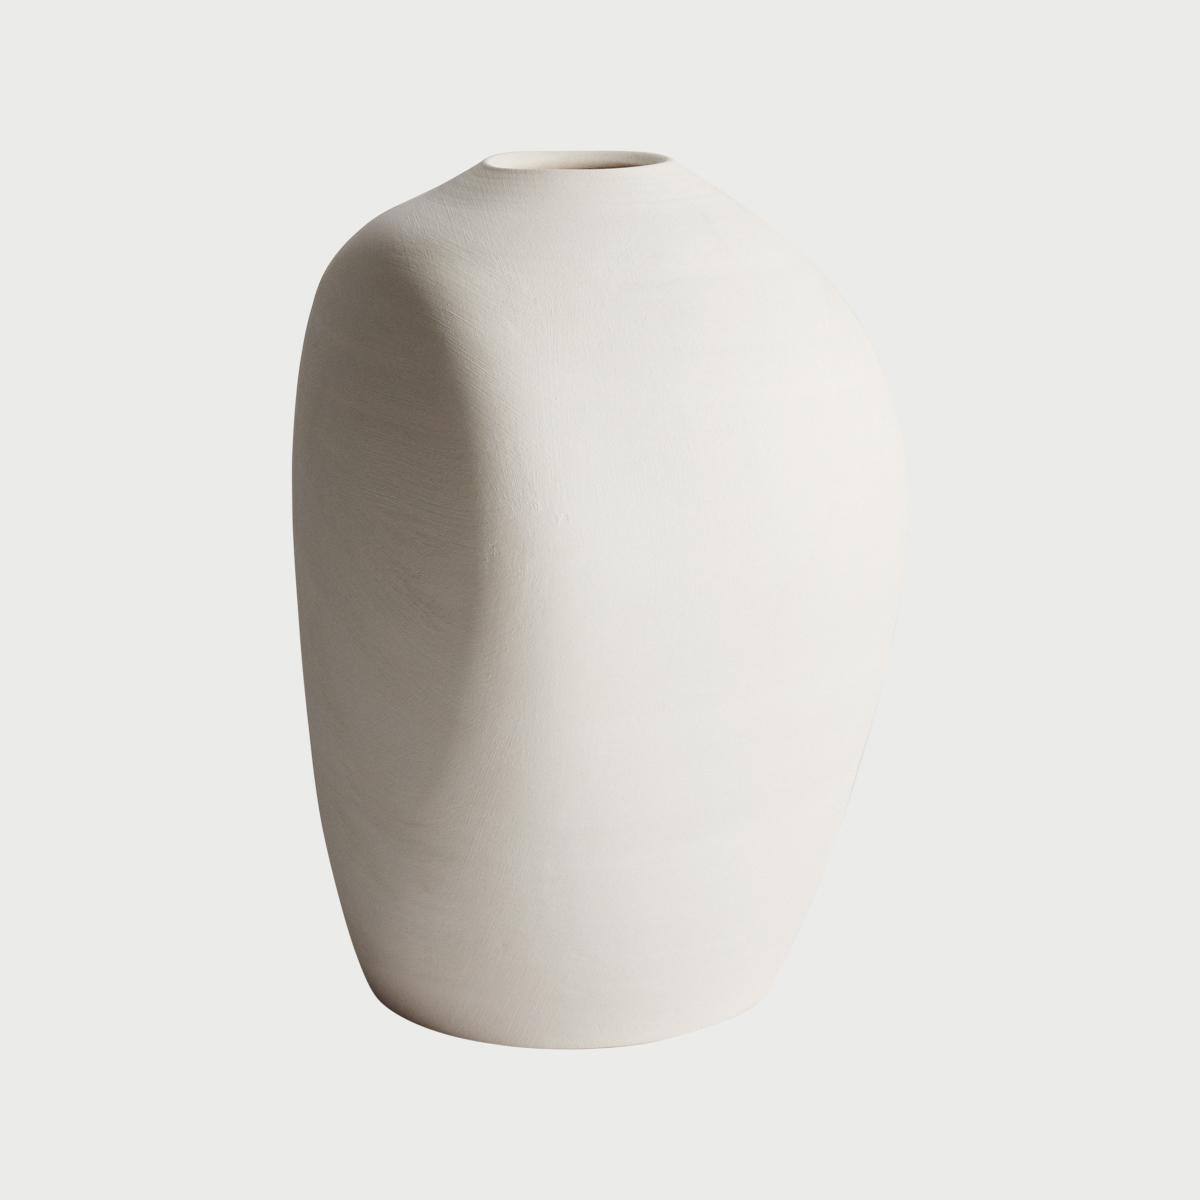 Copy of Asymmetric Vase